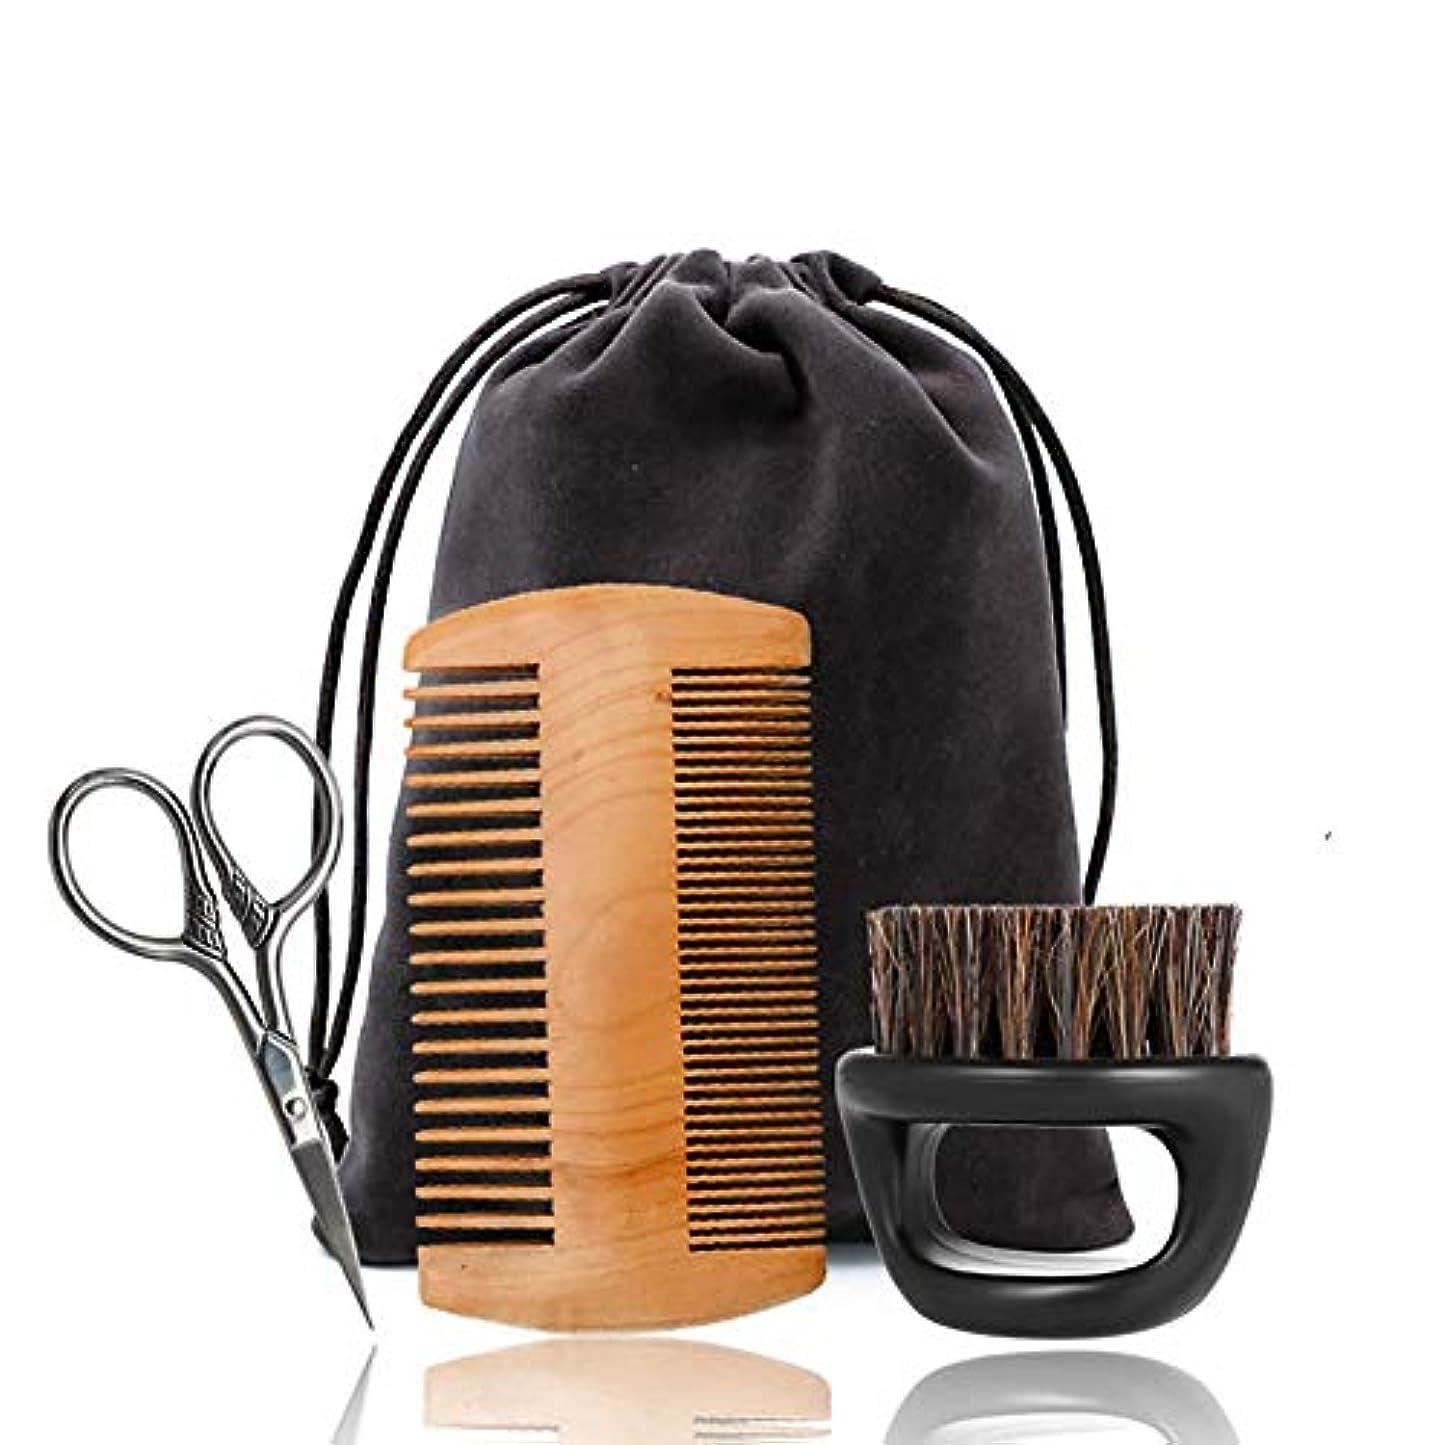 グローかもしれない経済的Onior 4ピースひげグルーミングキットひげトリミングボードブラシ髪くしはさみ形シェーピングと成長旅行バッグシェーピングツール完璧なシェービング対称パーソナルケア耐久性と実用的